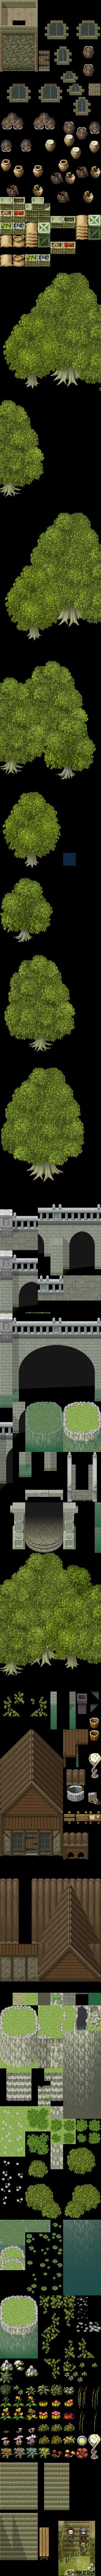 [RPG Maker XP] Tilesets by HyperSnake22 Thaenn__s_tileset_by_hypersnake22-d2lzncv